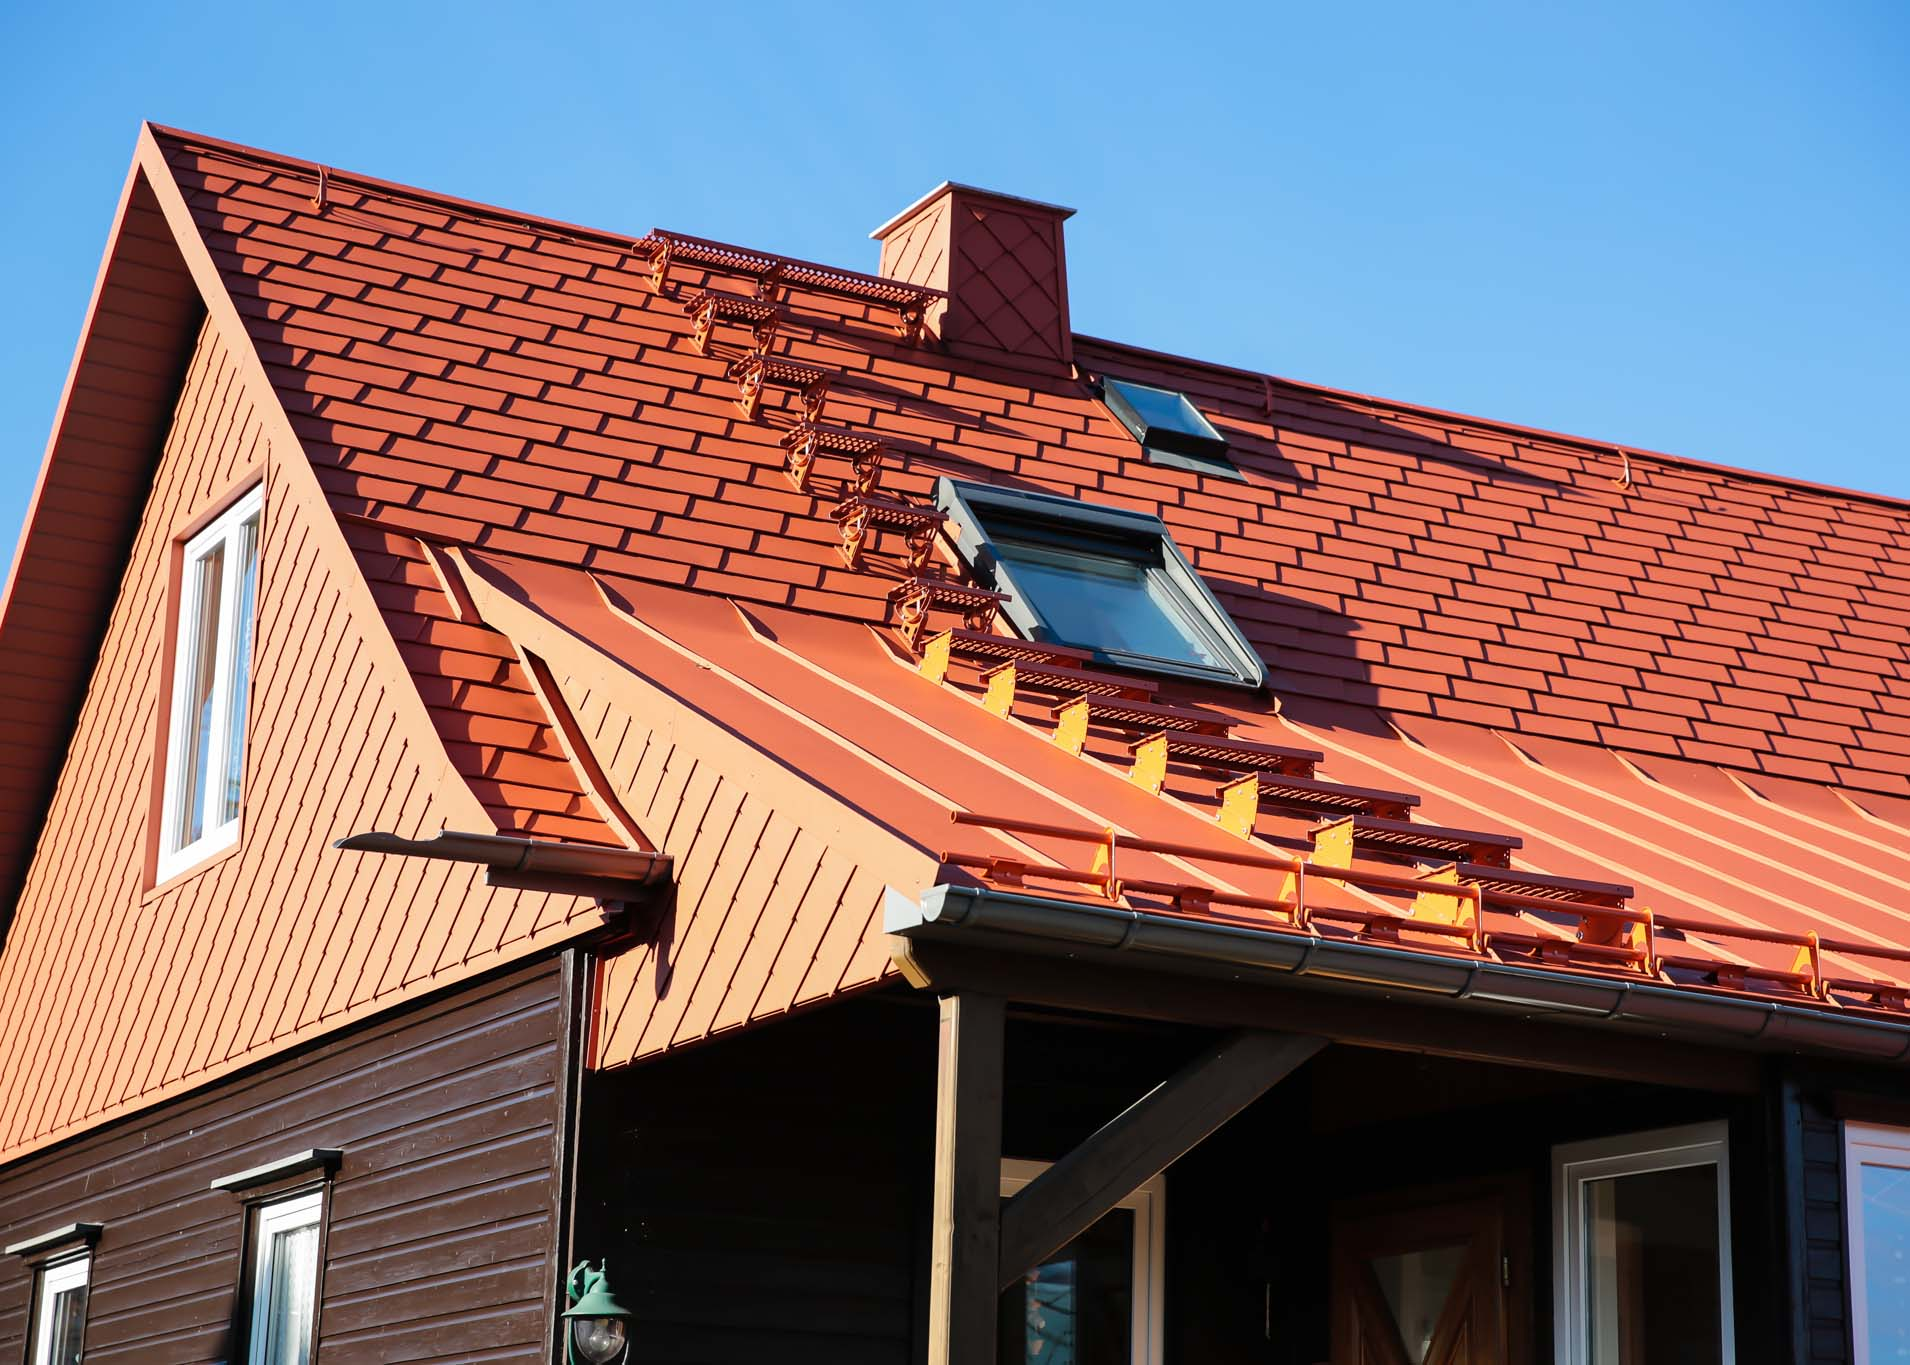 Bauklempnerarbeiten, Dach, Bedachung, Mülsen